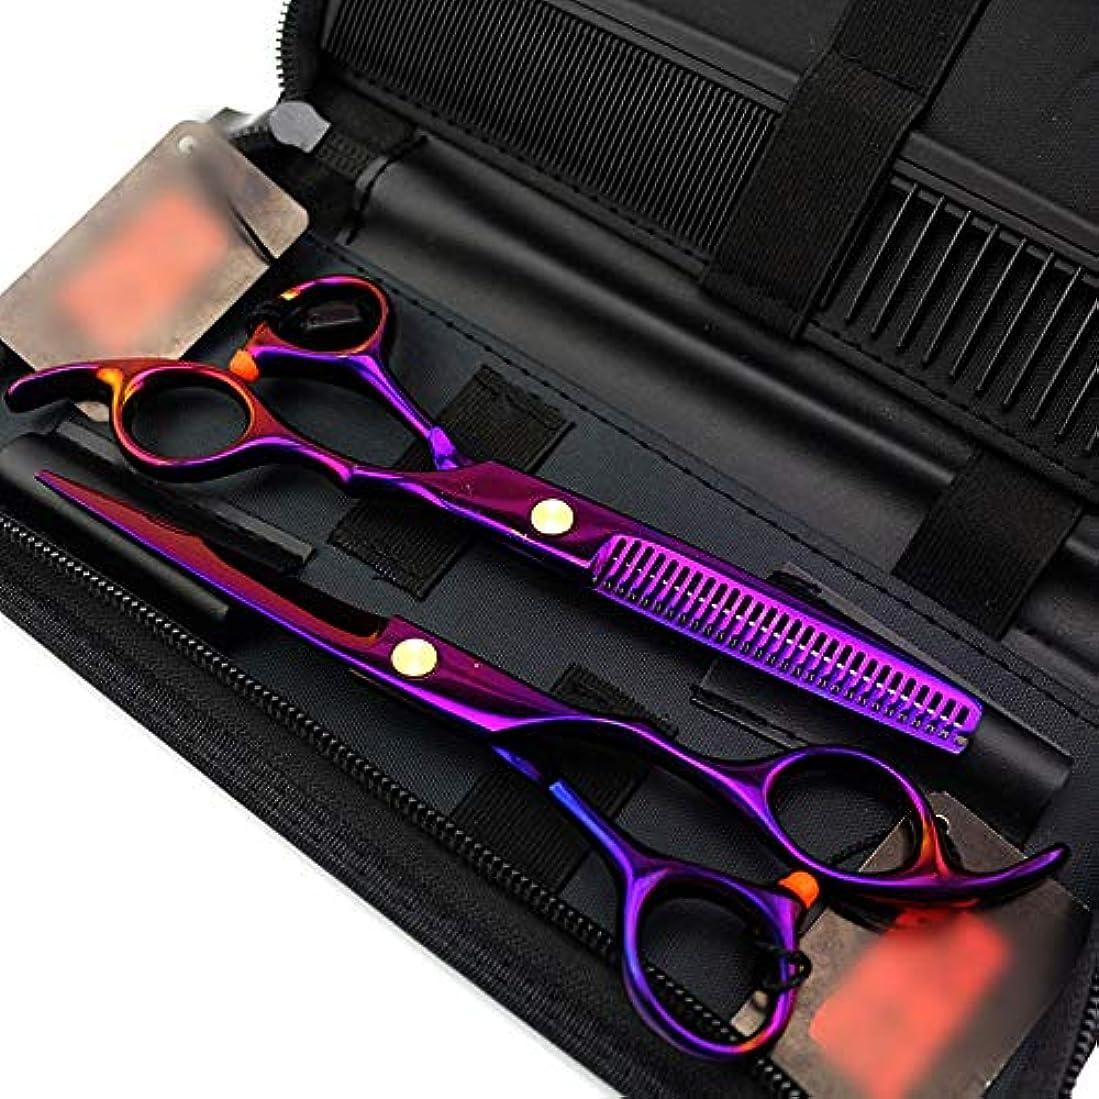 捧げる仕方チョーク6インチプロフェッショナル理髪セットパープル理髪はさみ、フラットせん断+歯シザー ヘアケア (色 : 紫の)